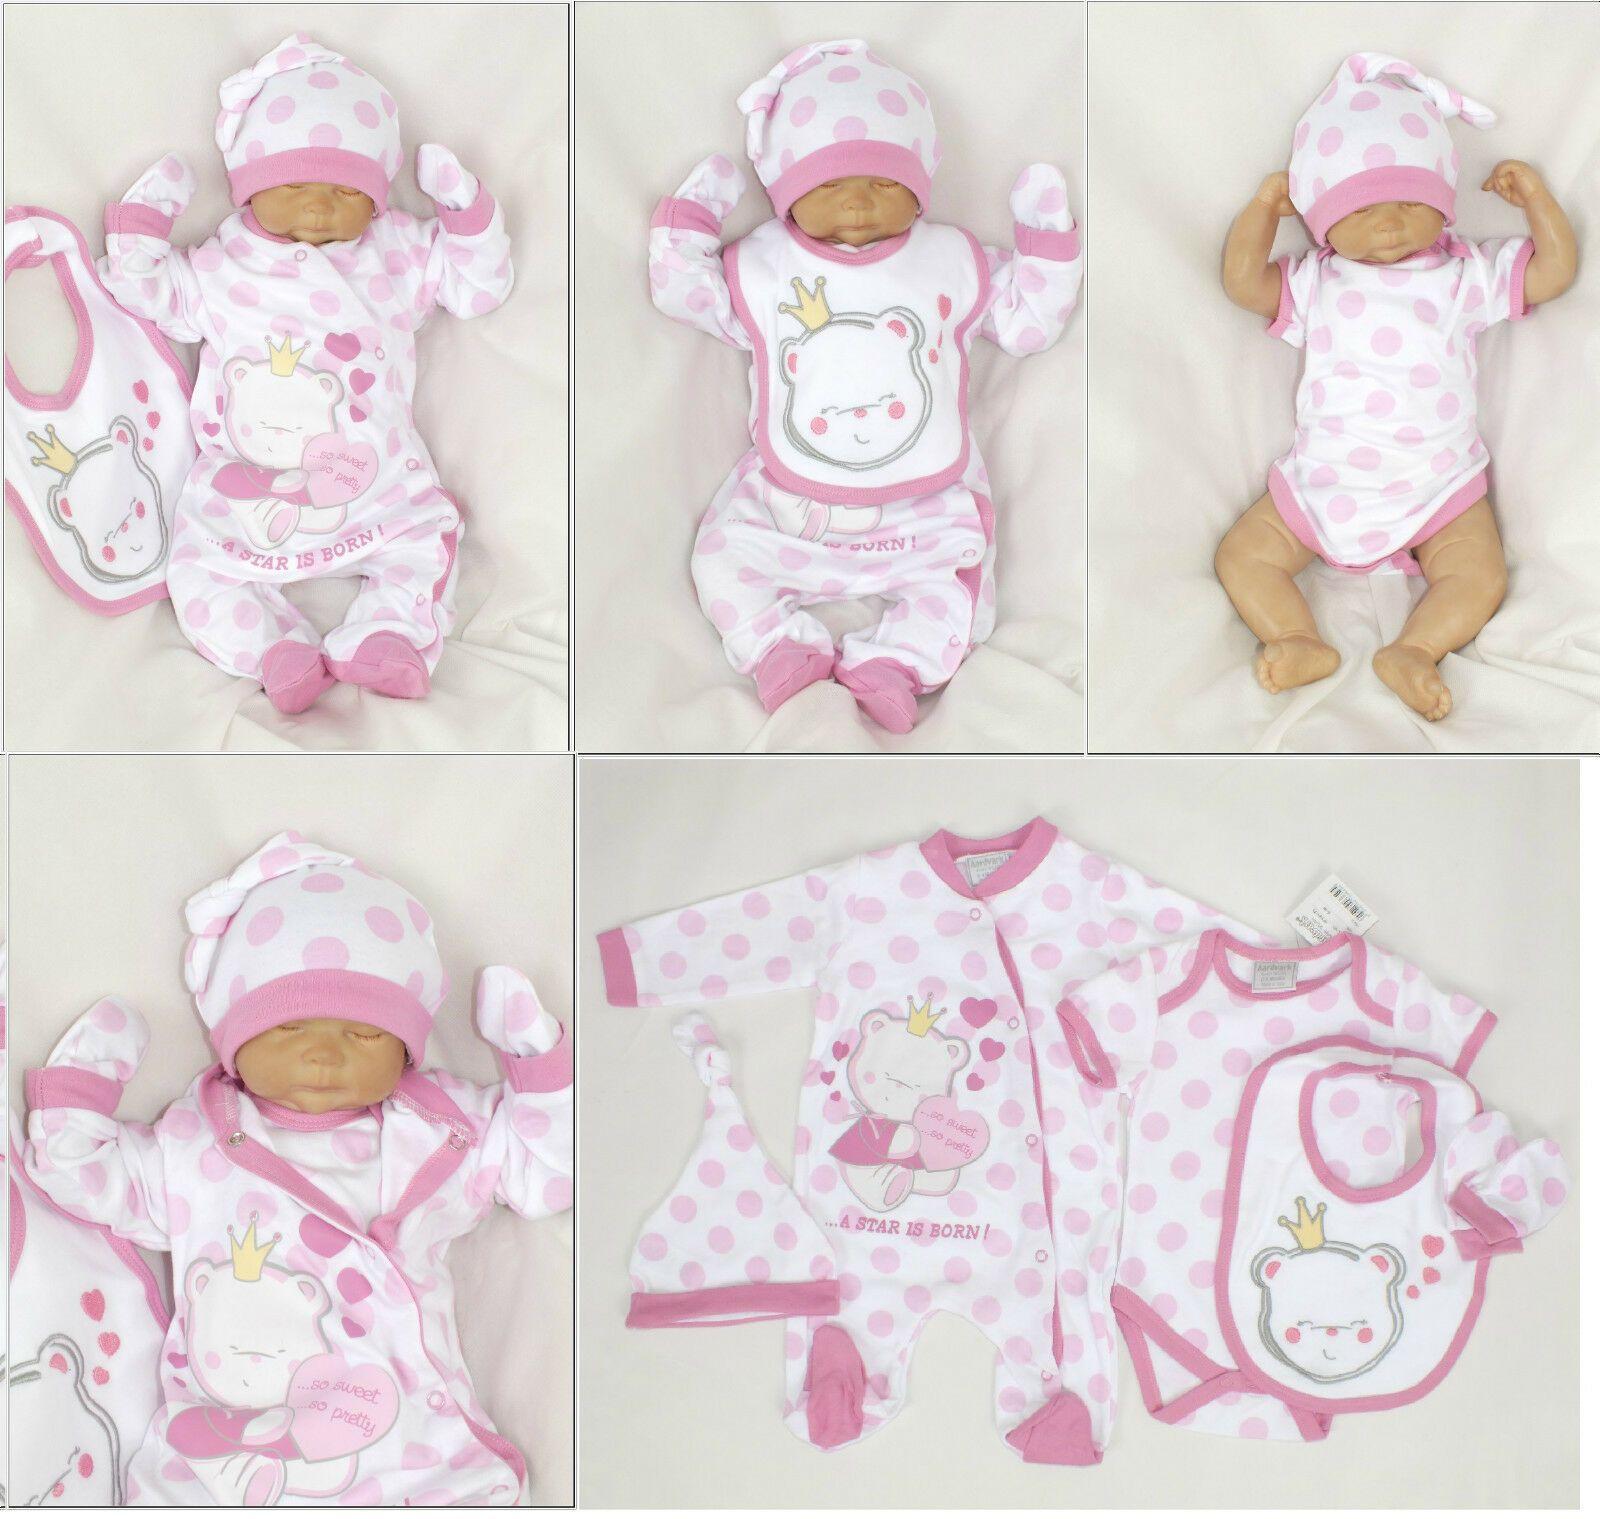 3-er Baby Starterset Erstausstattung 50 56 62 68 100/% Baumwolle Strampelanzug